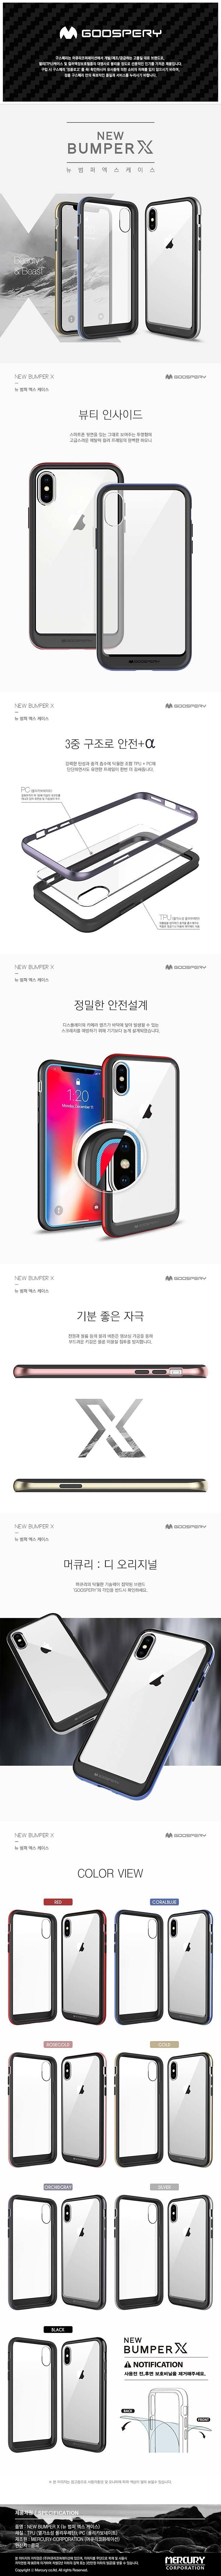 Goospery 뉴 범퍼 엑스(X) 케이스 휴대폰 핸드폰 커버 - 원스컴퍼니, 5,900원, 케이스, 아이폰XS